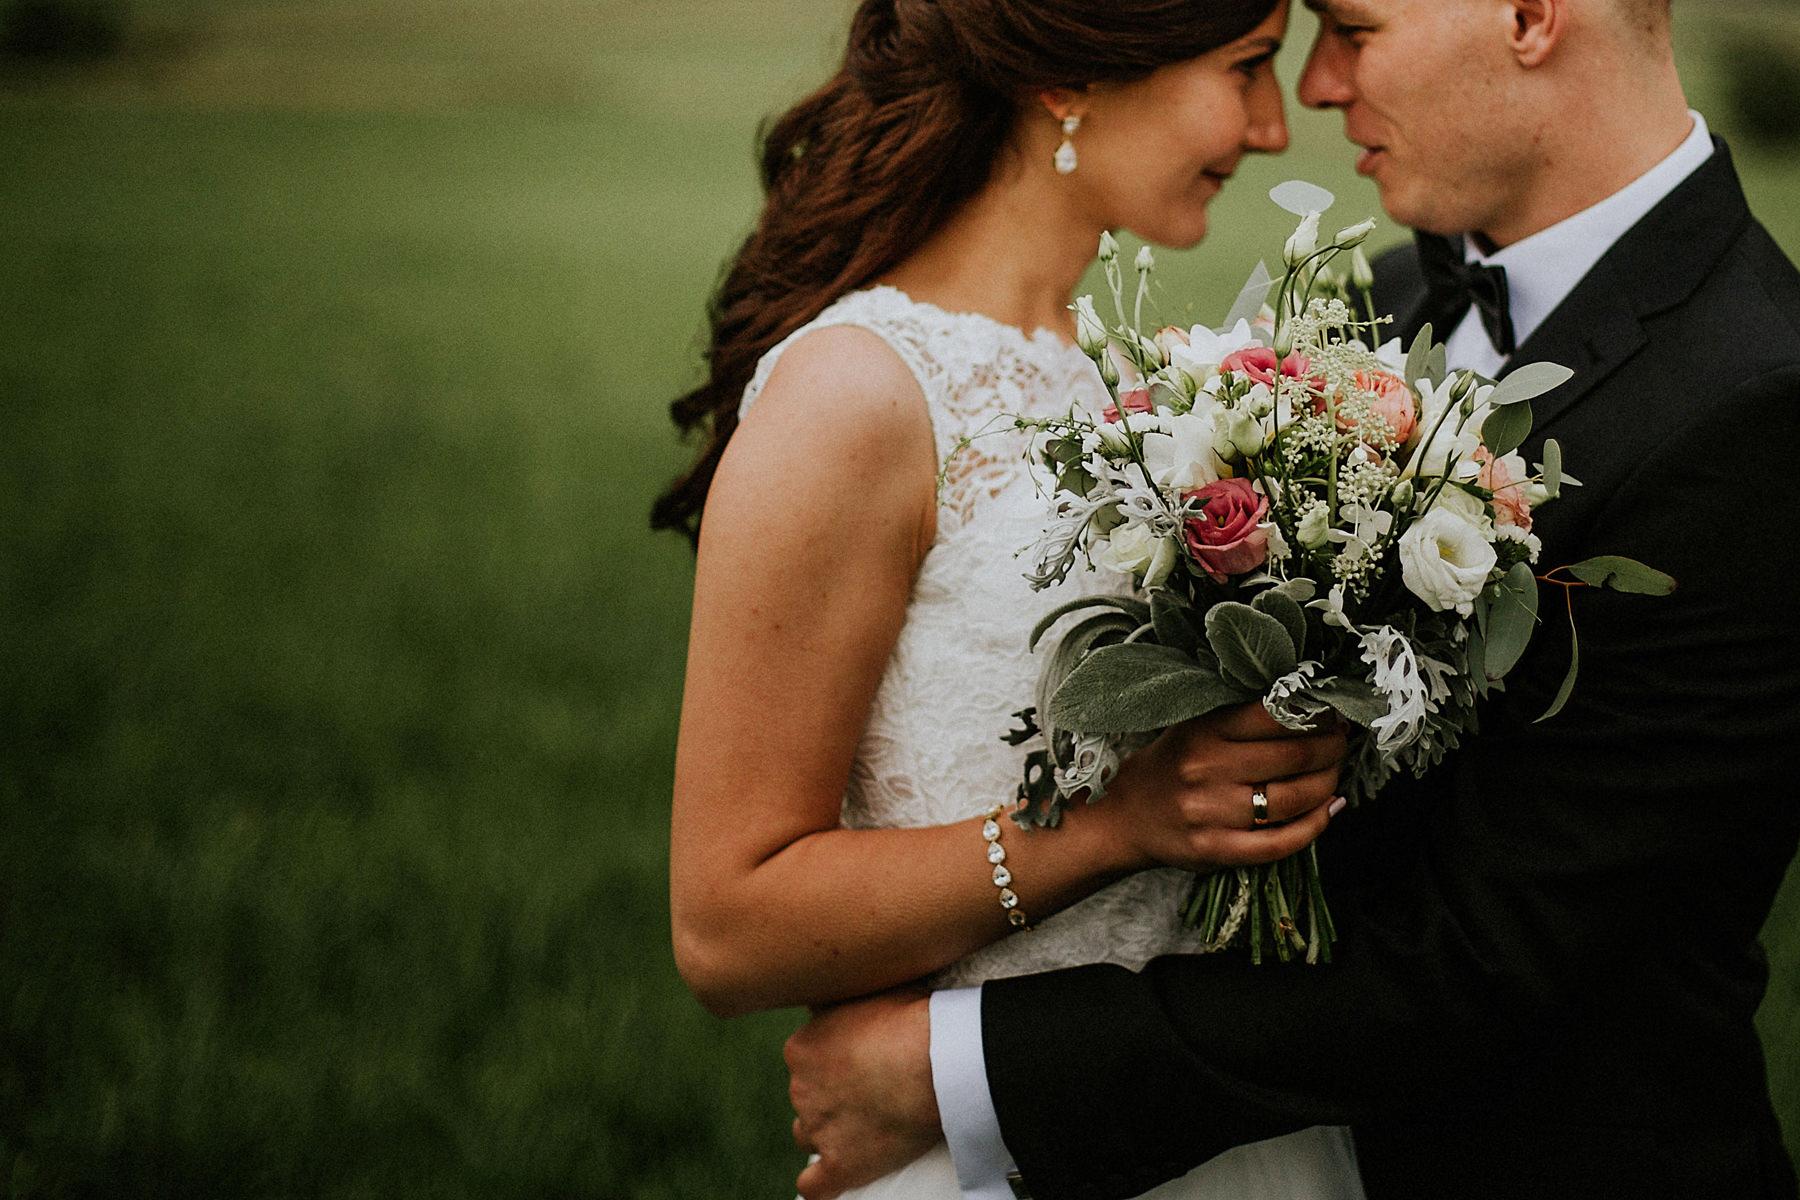 fotograf ślubny górlska sesja